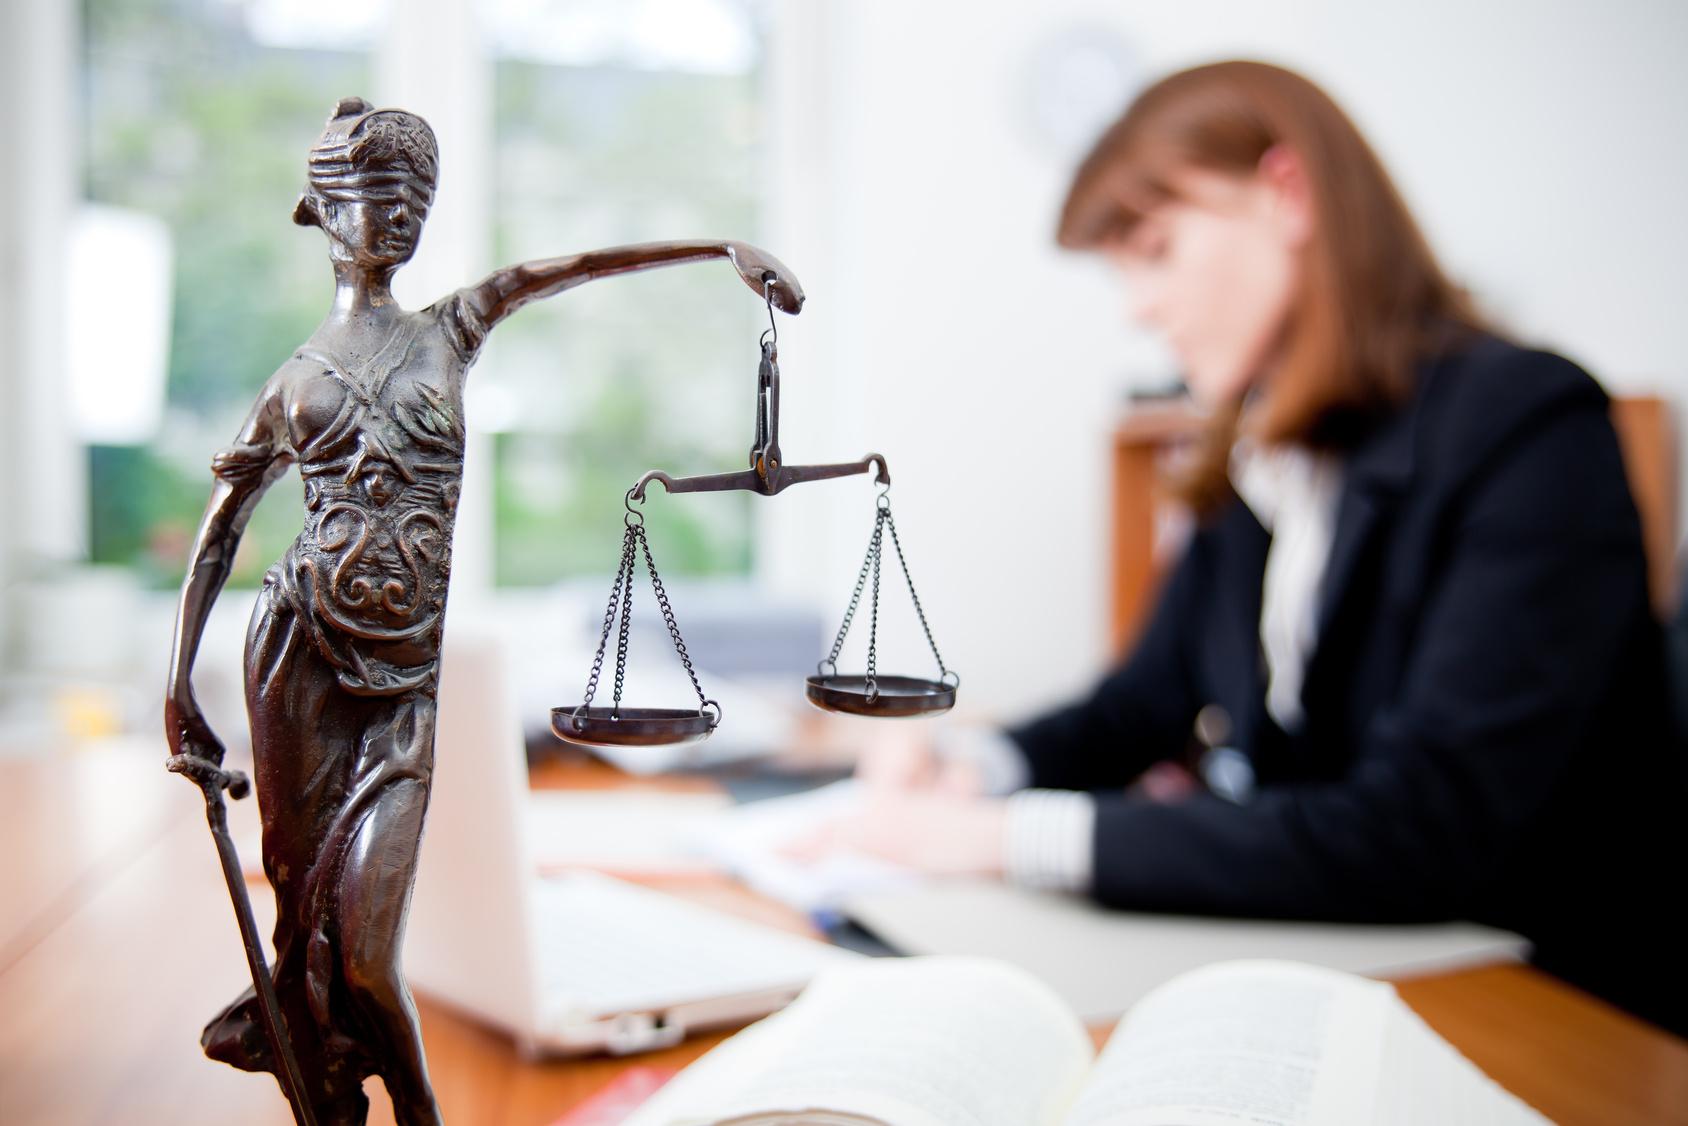 Судебные приставы будут изымать объявленные в розыск машины в течение трех дней